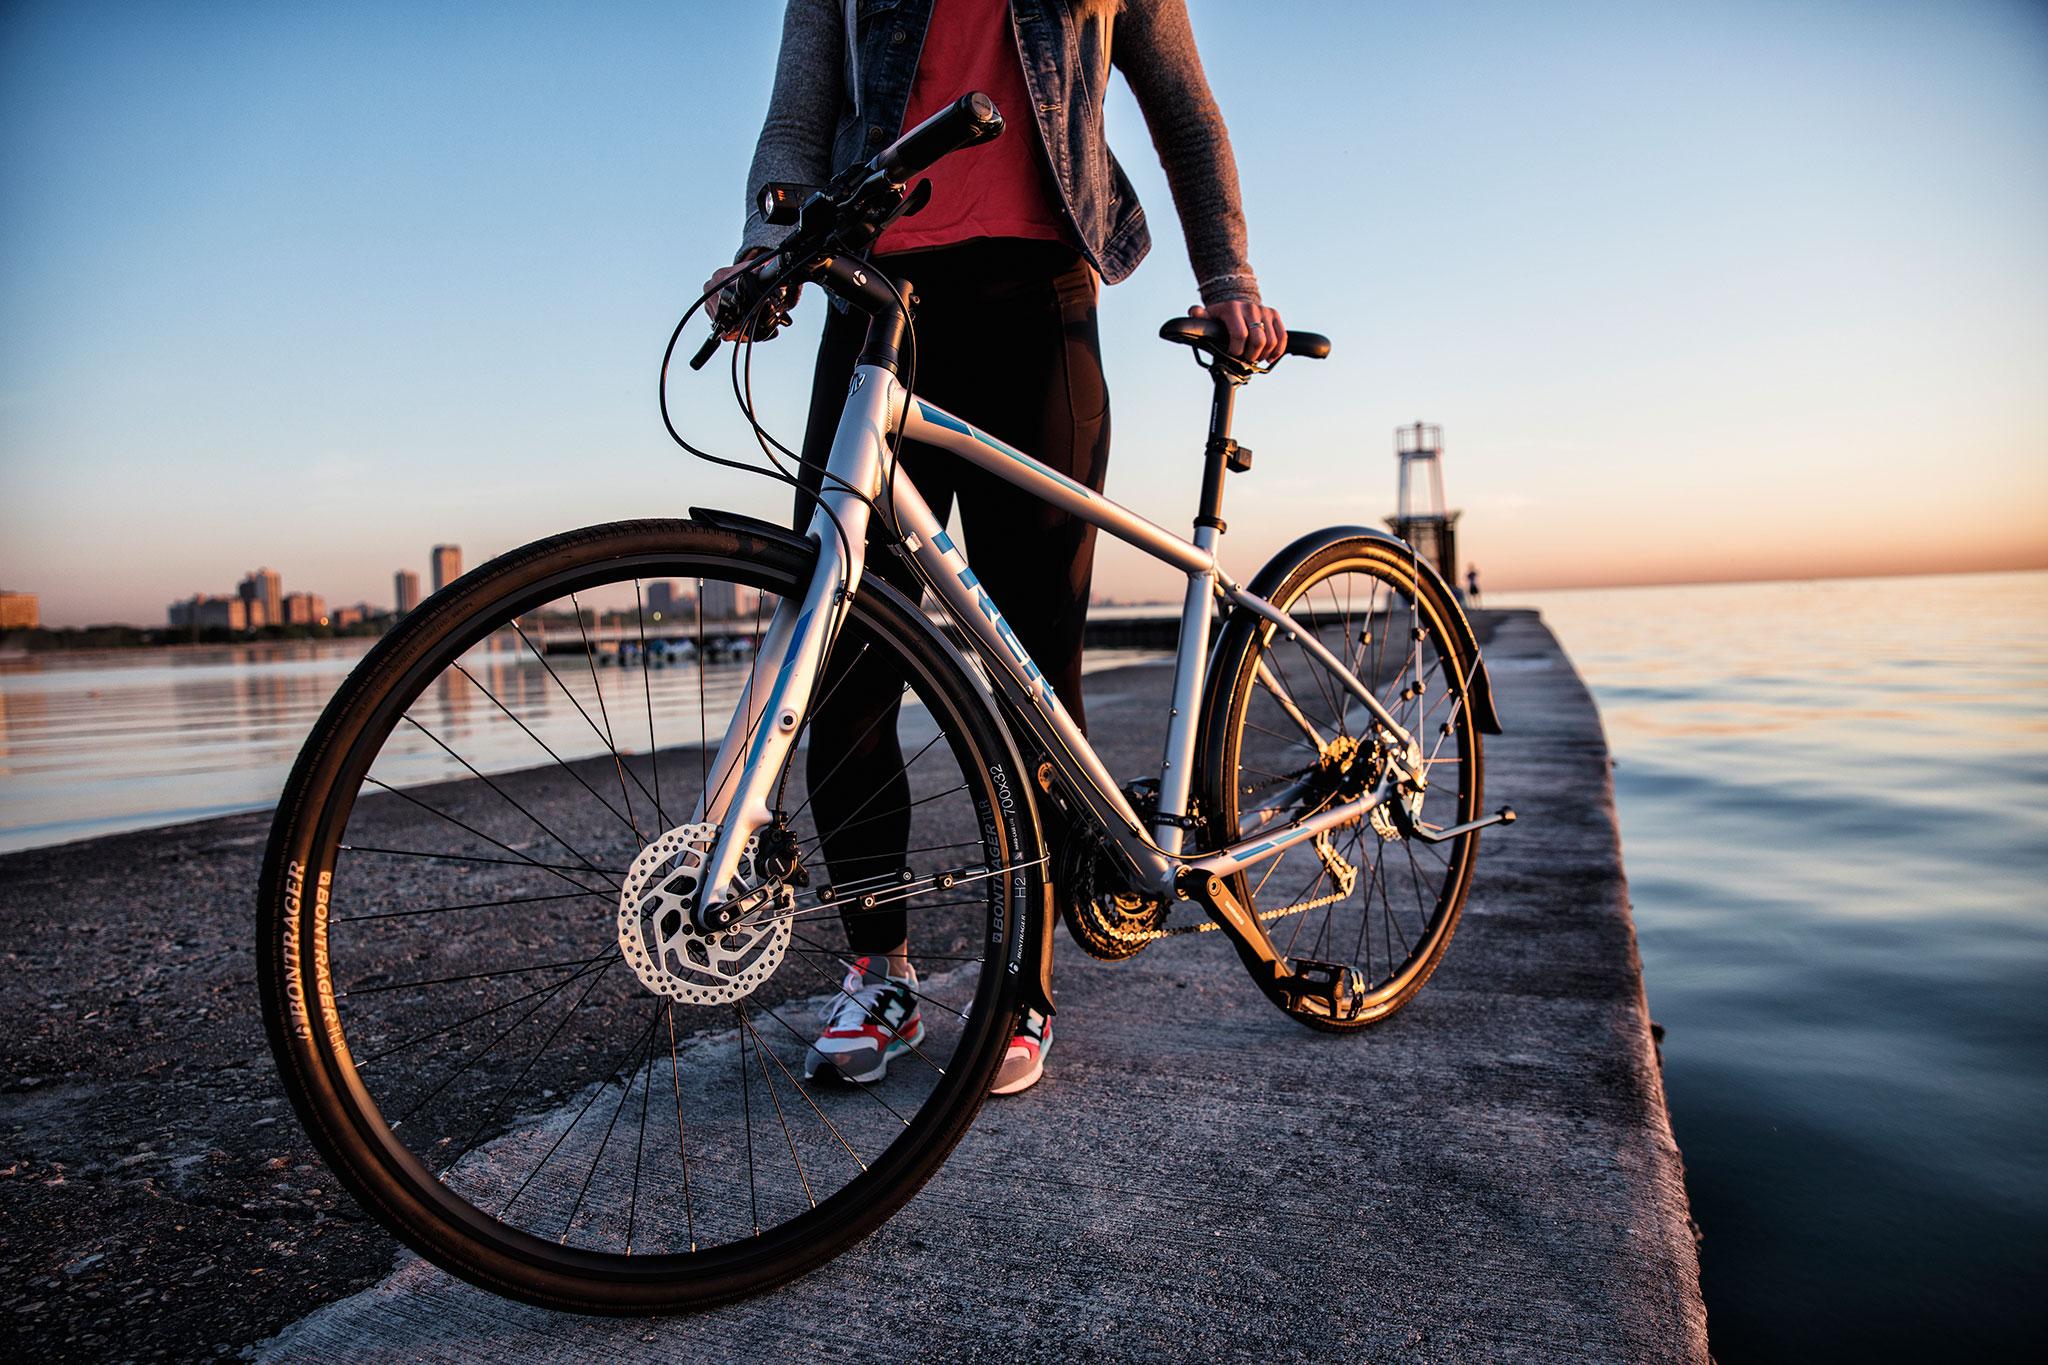 新世代のクロスバイクはディスクブレーキ!! TREK FX 3 DISC